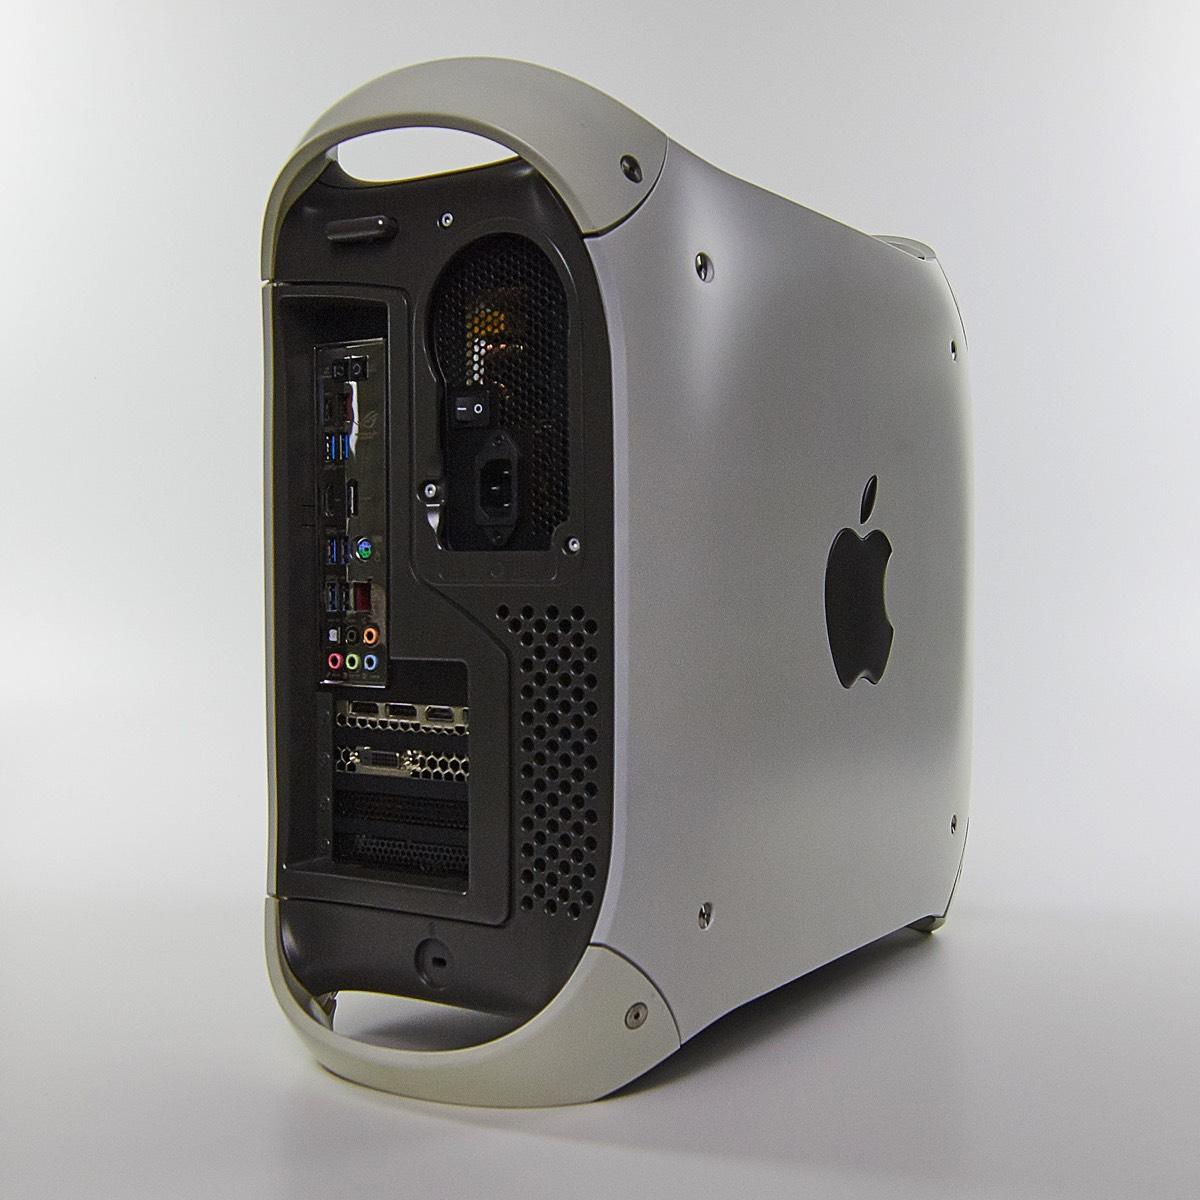 Outcam Powermac I7